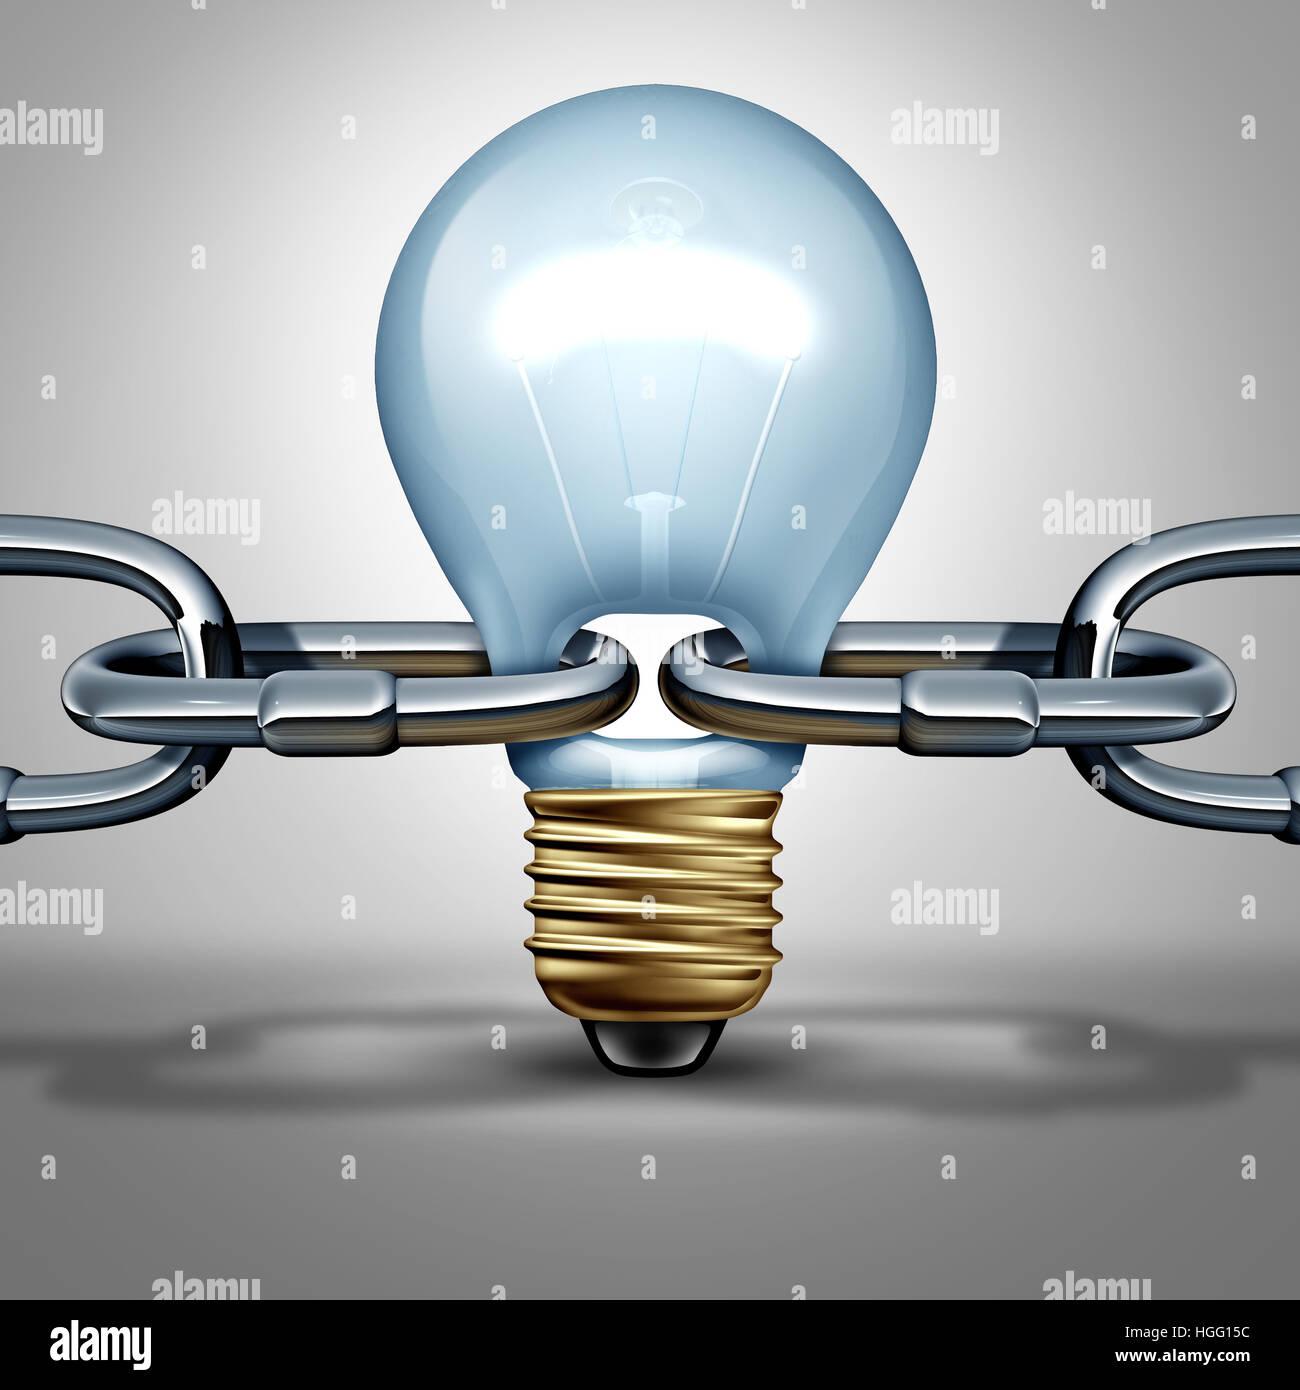 El concepto de cadena de idea como una fuerza de innovación e inventiva de inteligencia o de icono de conexión Imagen De Stock